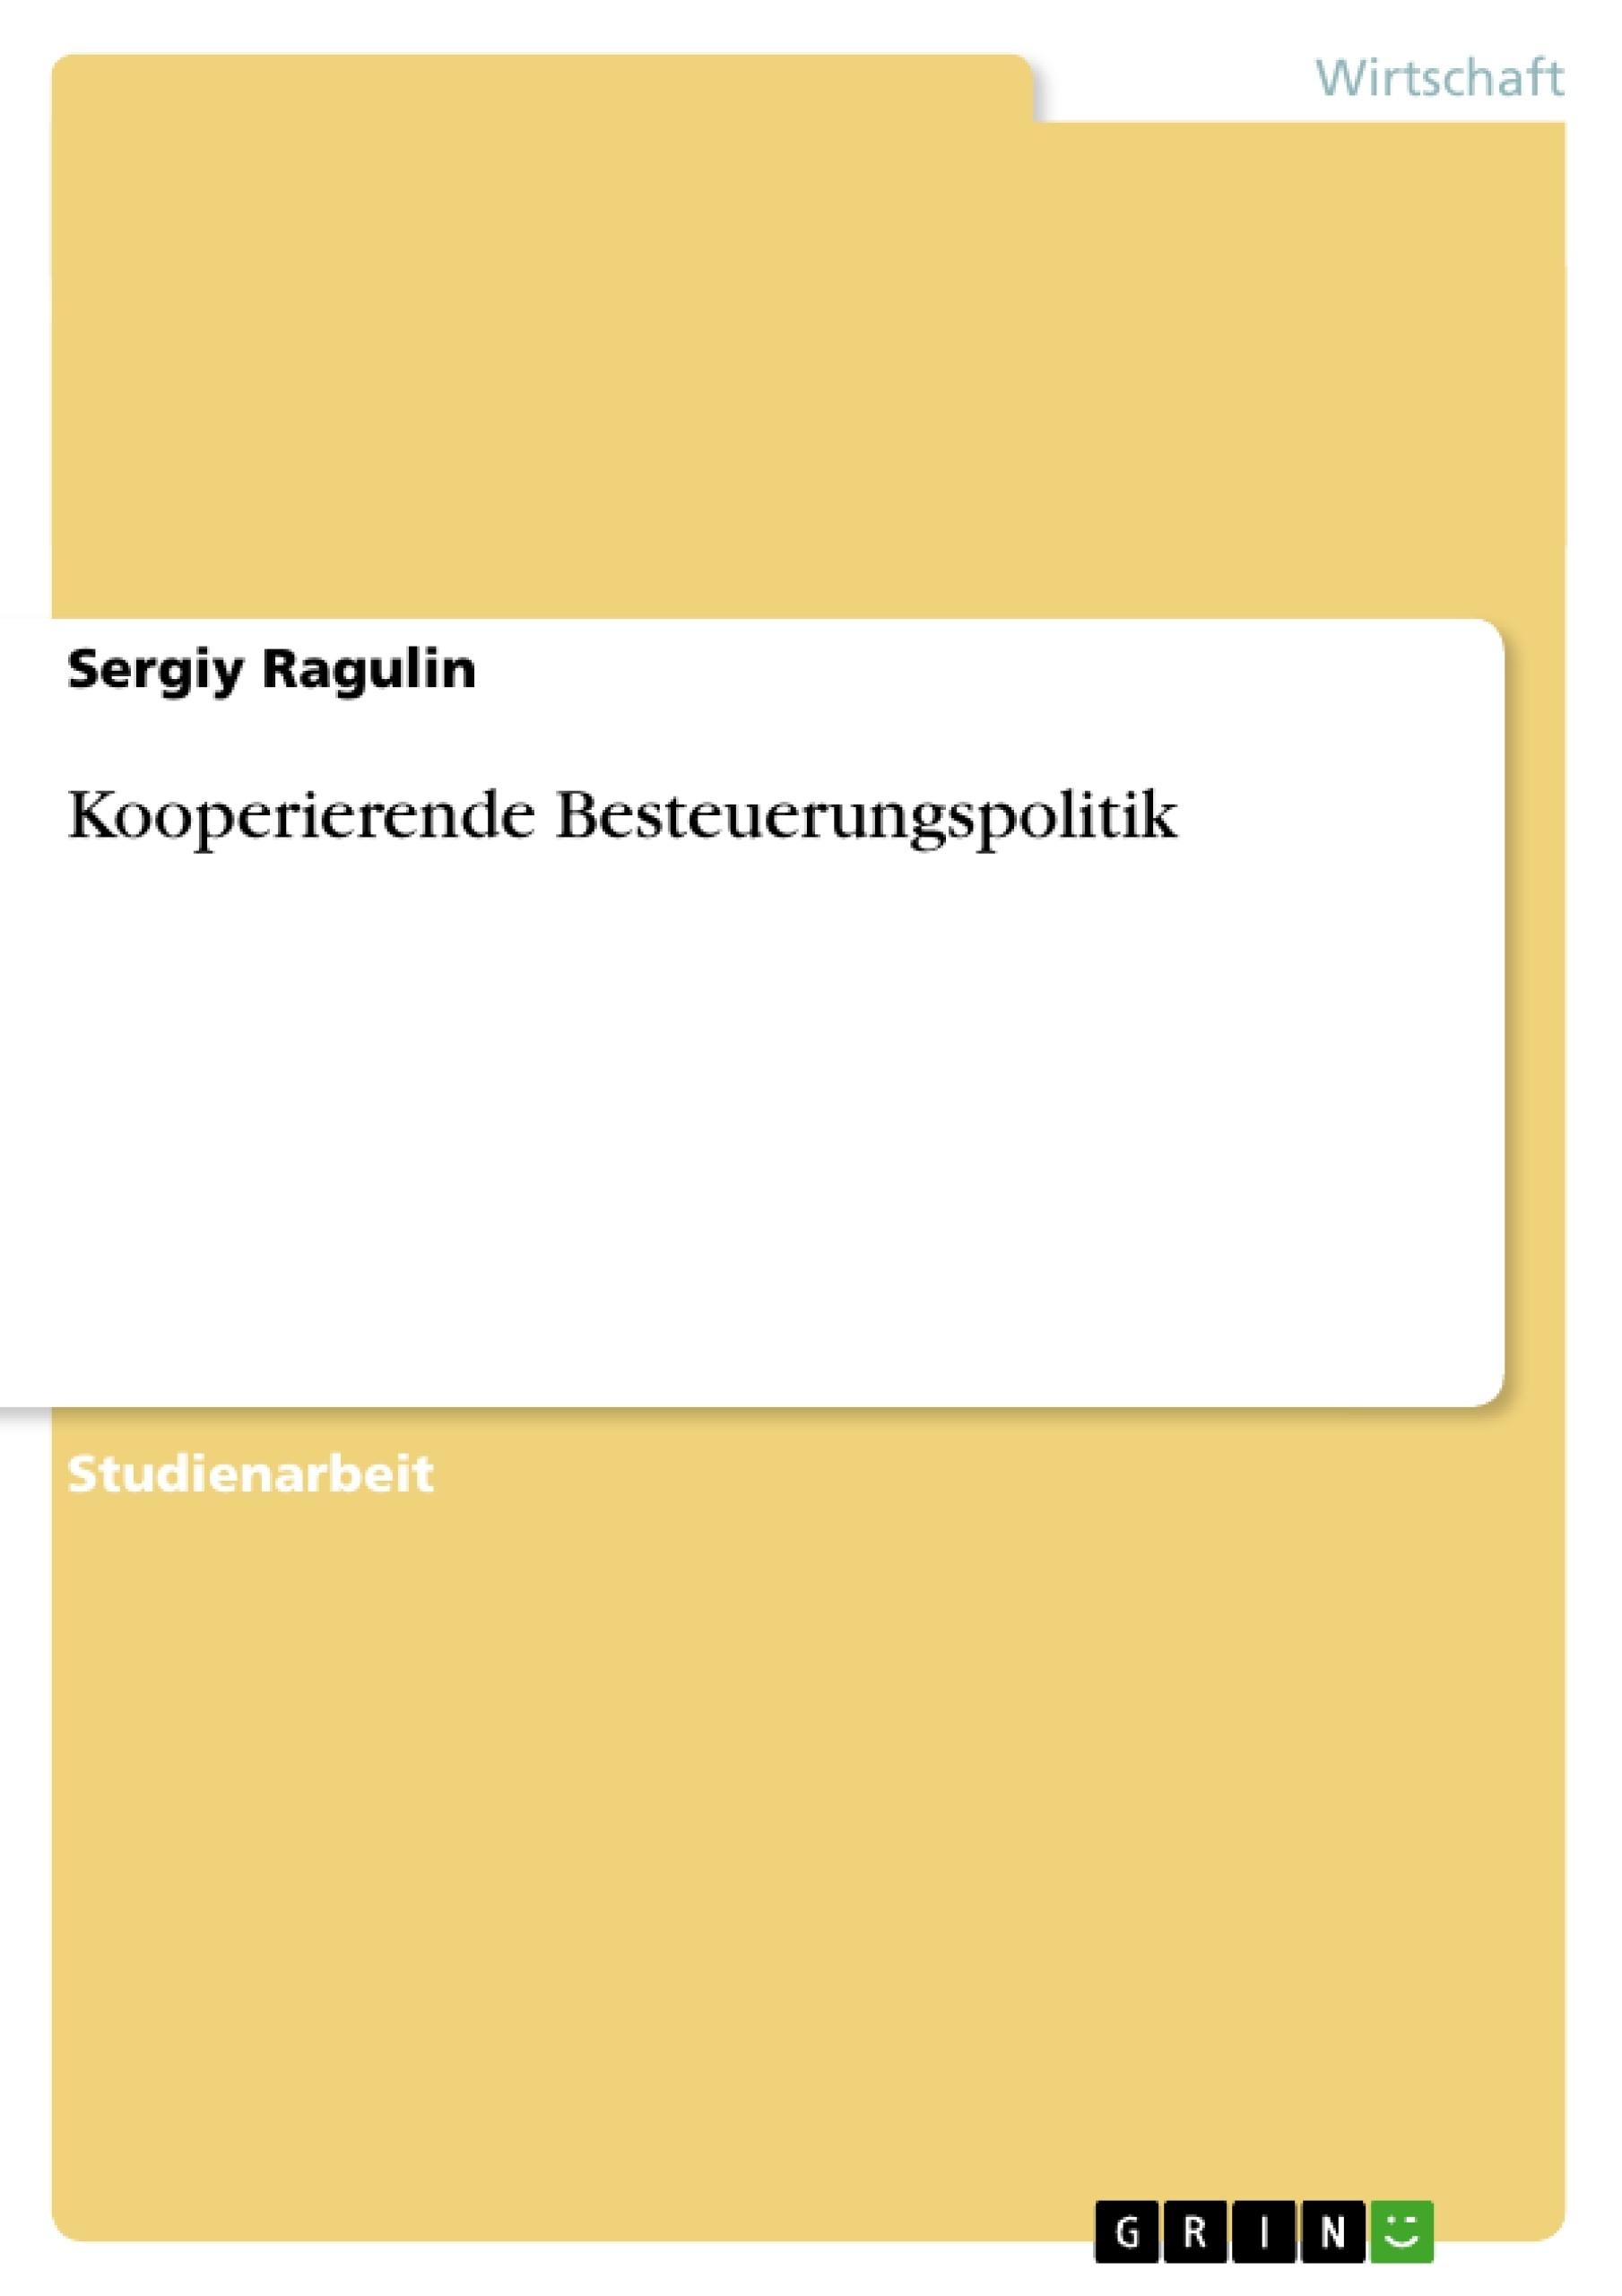 Titel: Kooperierende Besteuerungspolitik